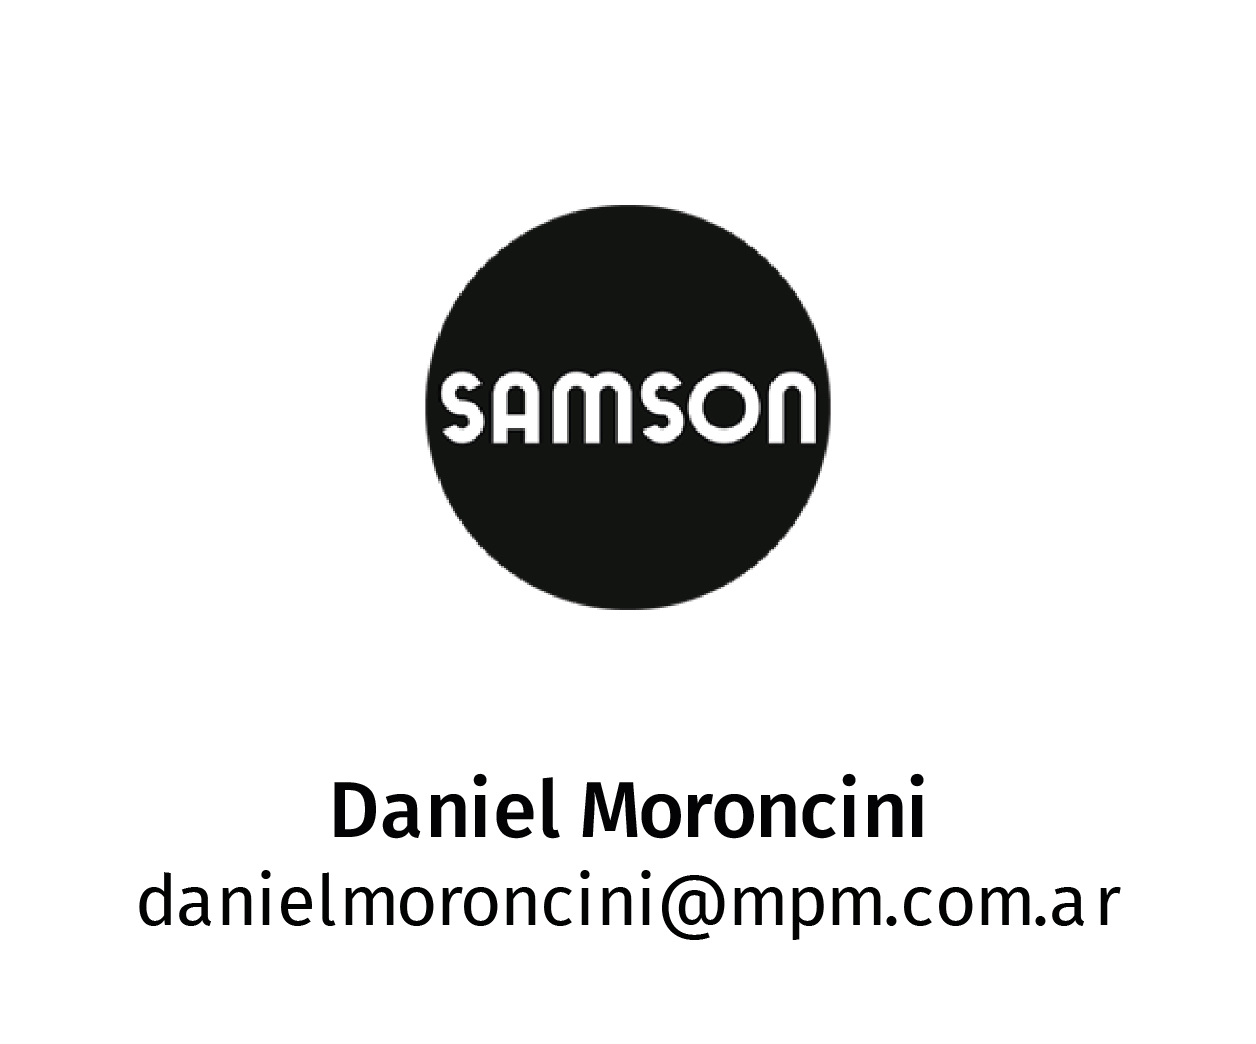 http://profibus.com.ar/wp-content/uploads/2017/03/logos_datos_sponsor-20.jpg